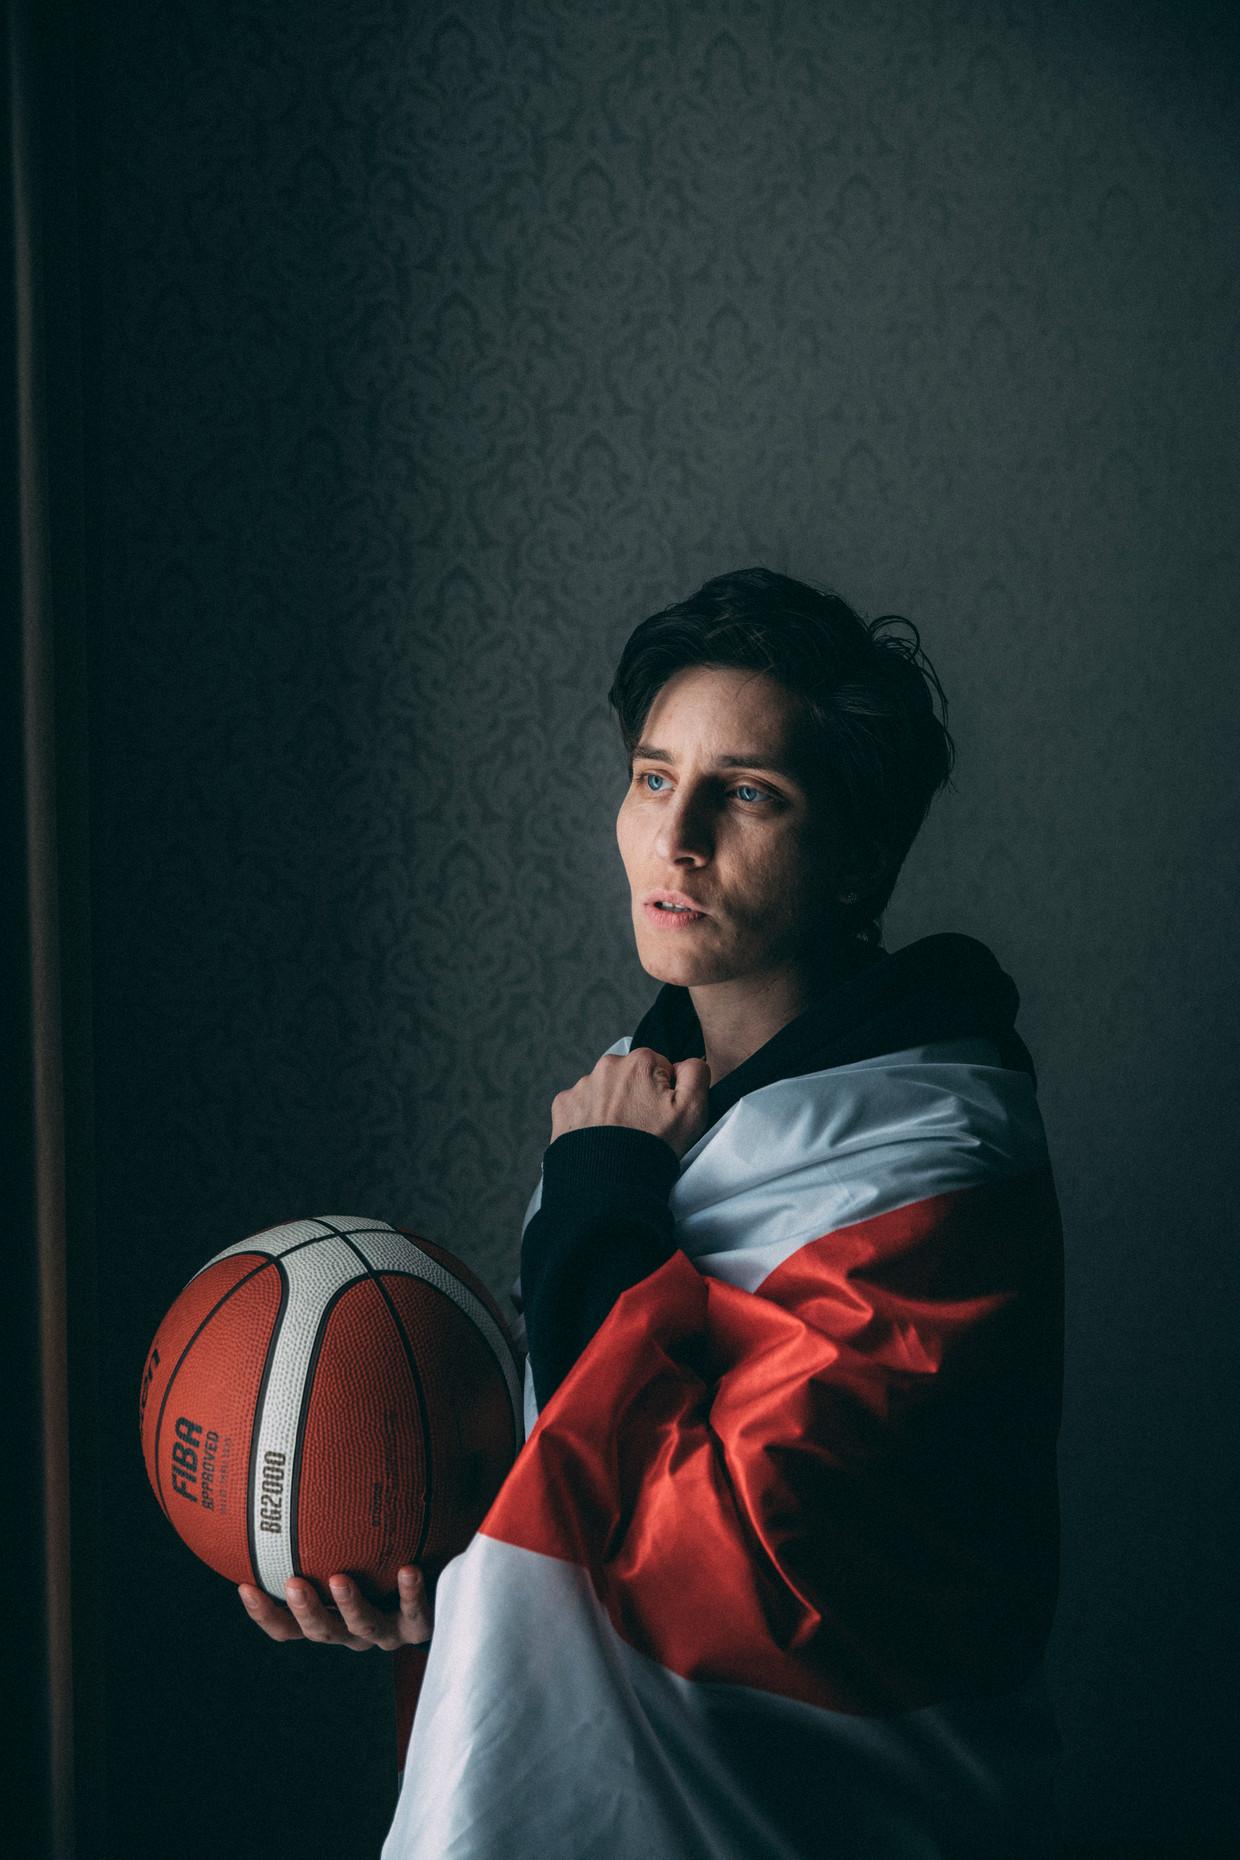 De Belarussische basketbalster Katsjaryna Snytsina sprak zich - net als veel andere sporters in een open brief uit tegen het geweld in Belarus. Het gevolg was dat ze haar land moest ontvluchten.  Beeld Marlena Waldthausen